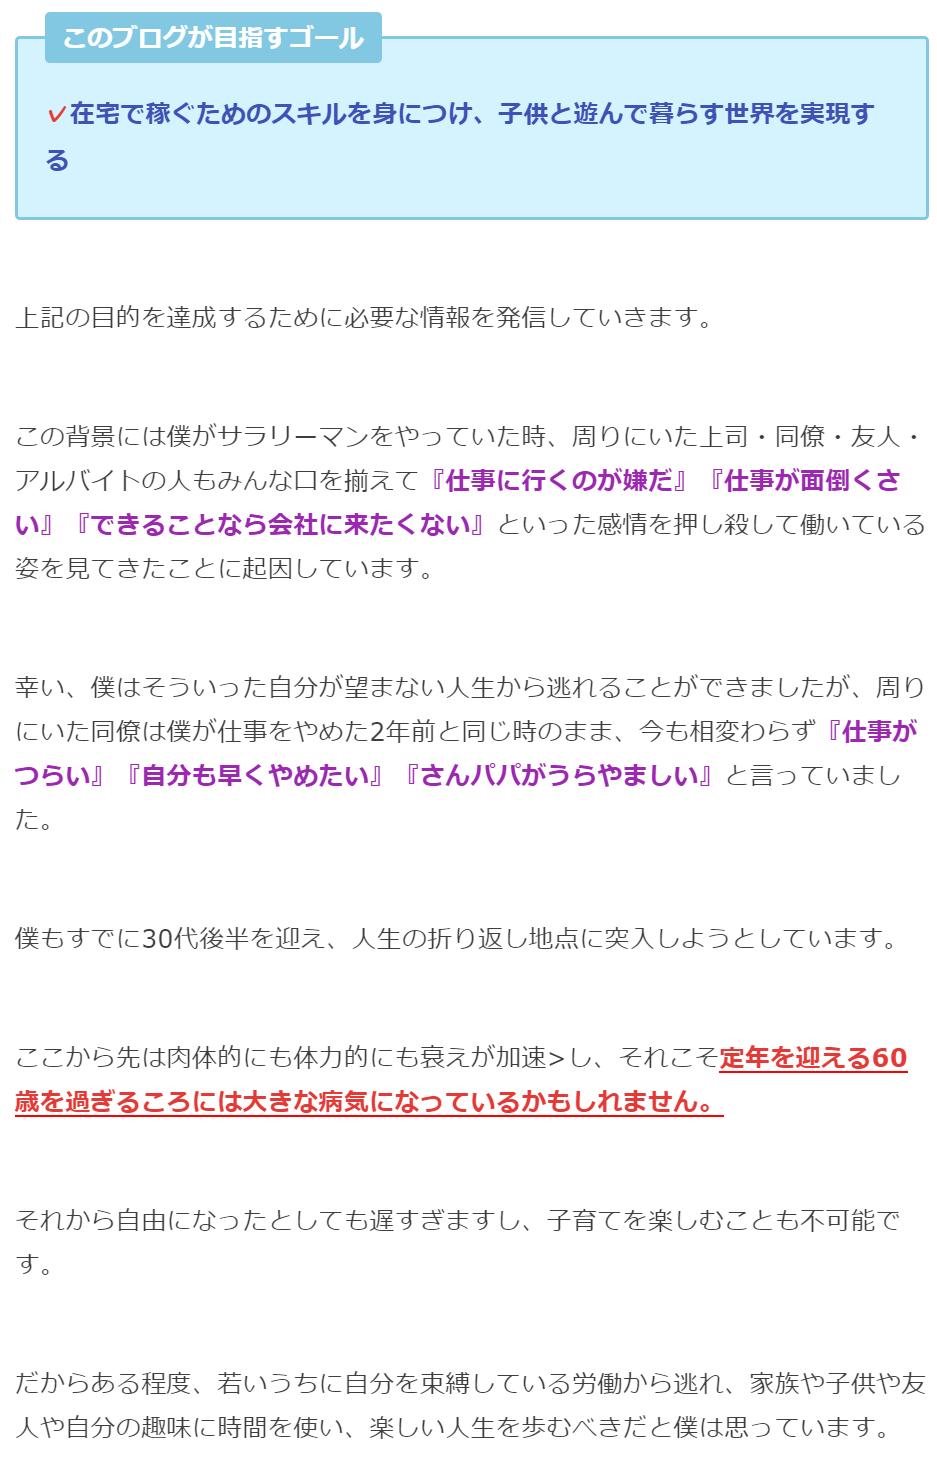 ブログプロフィールの書き方解説4